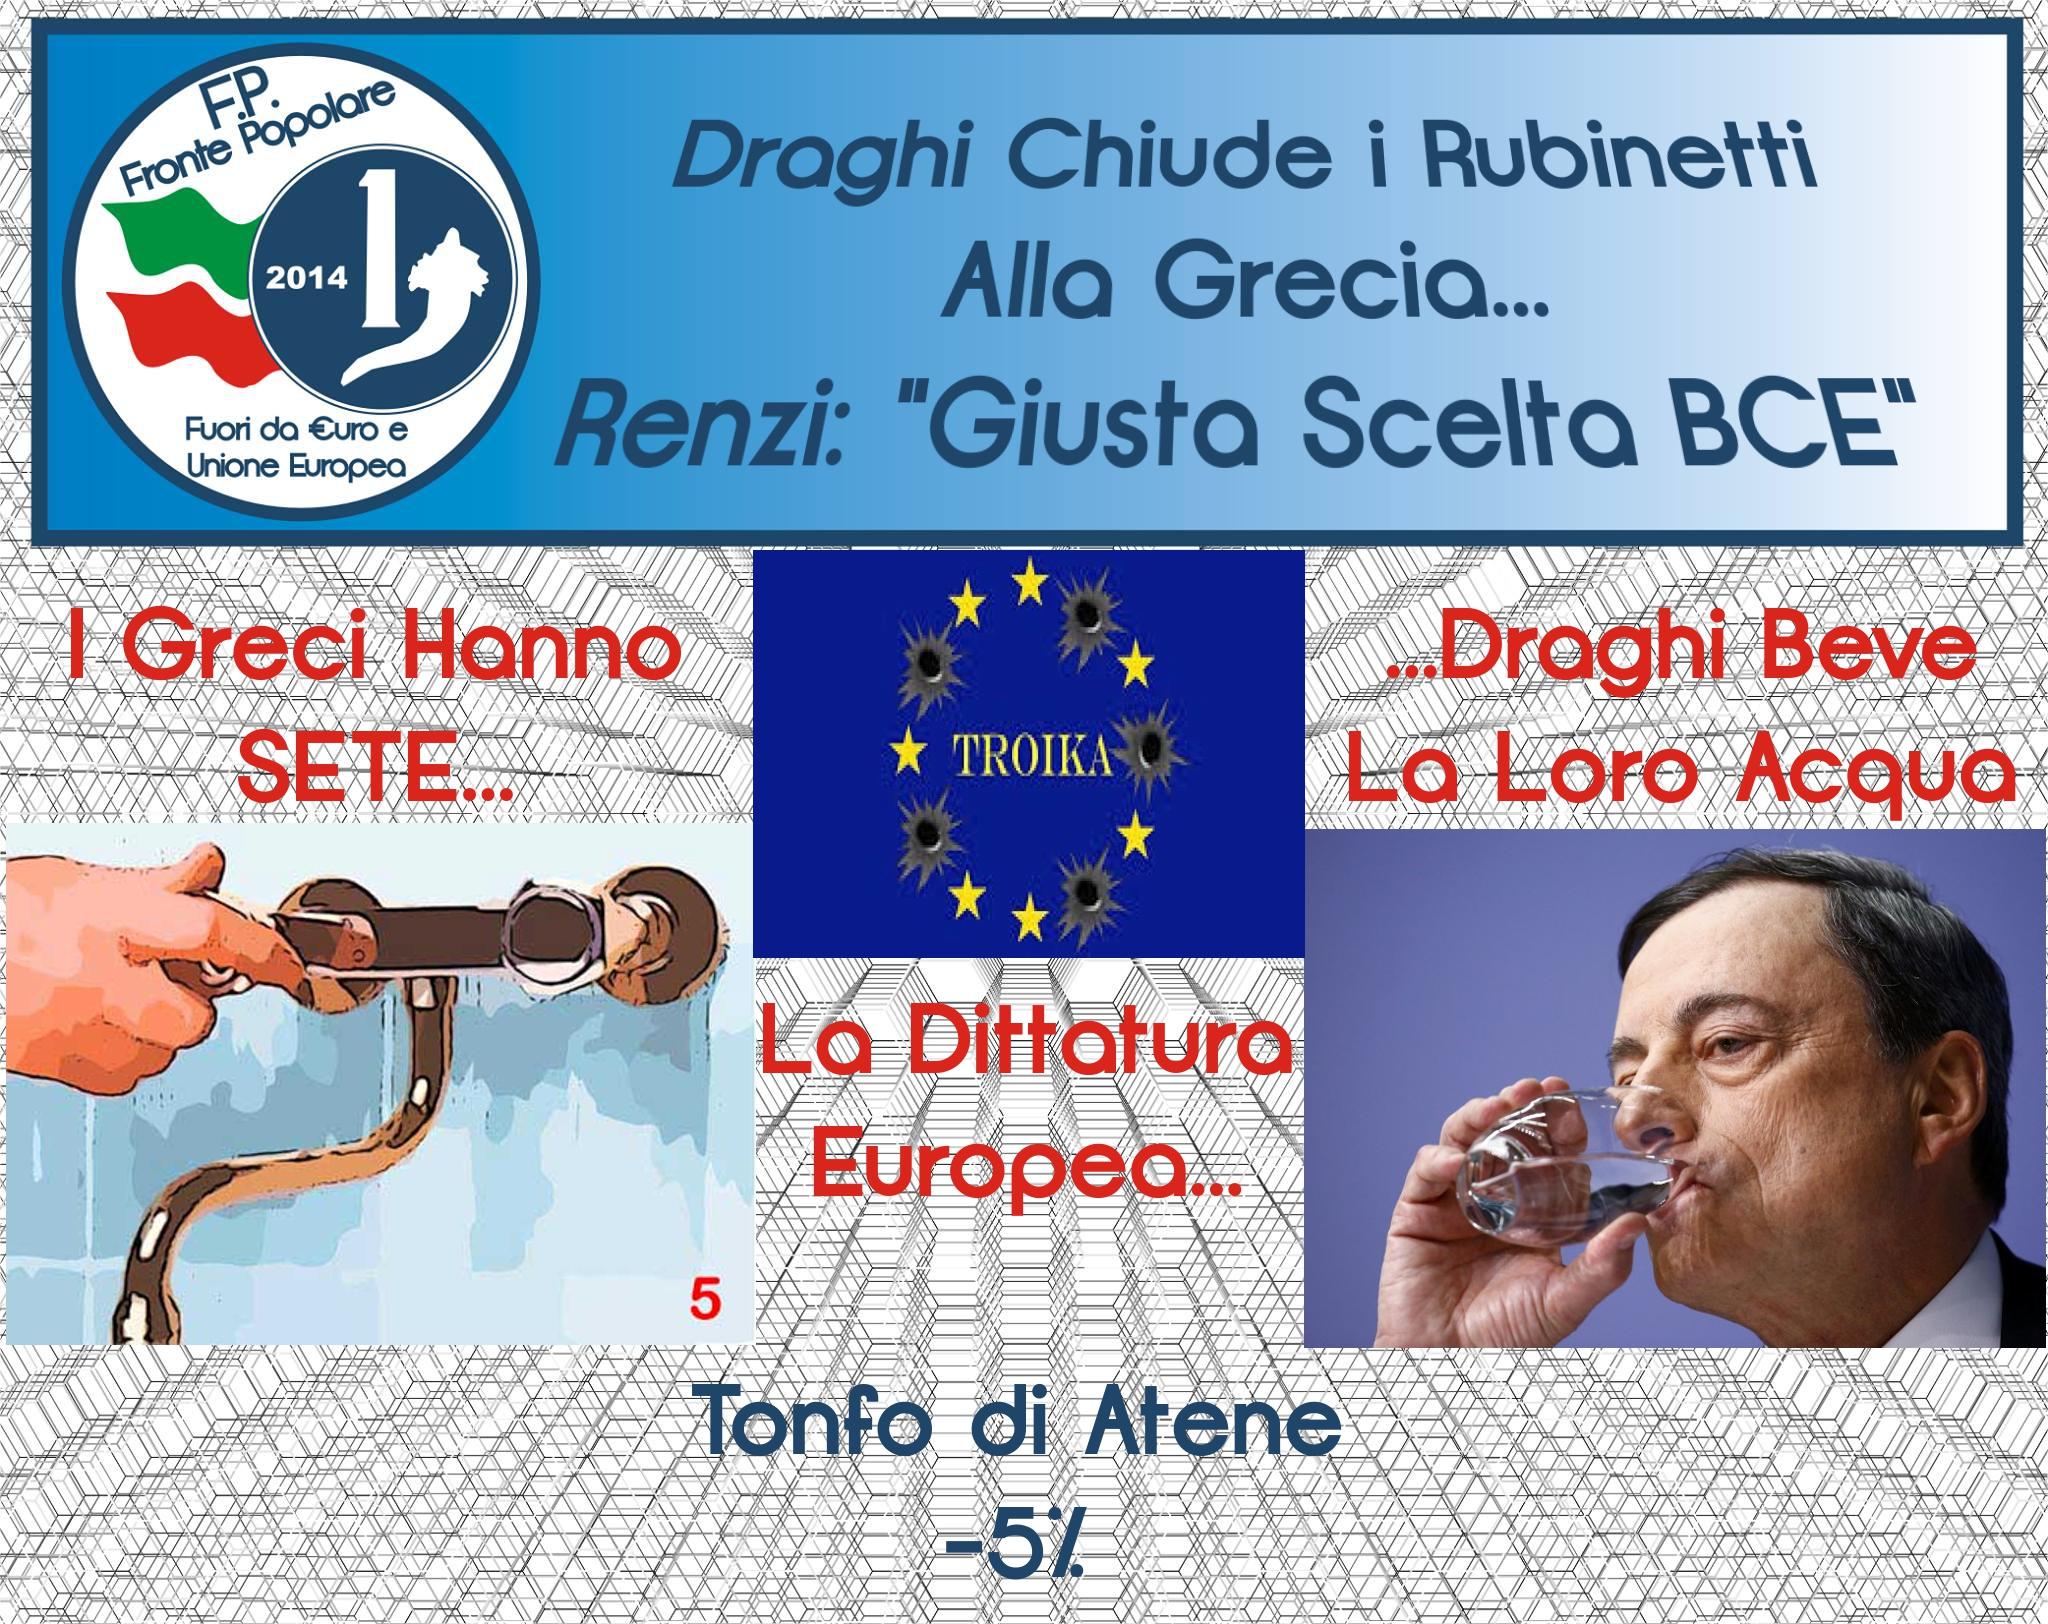 draghi chiude i rubinetti alla grecia_fronte popolare